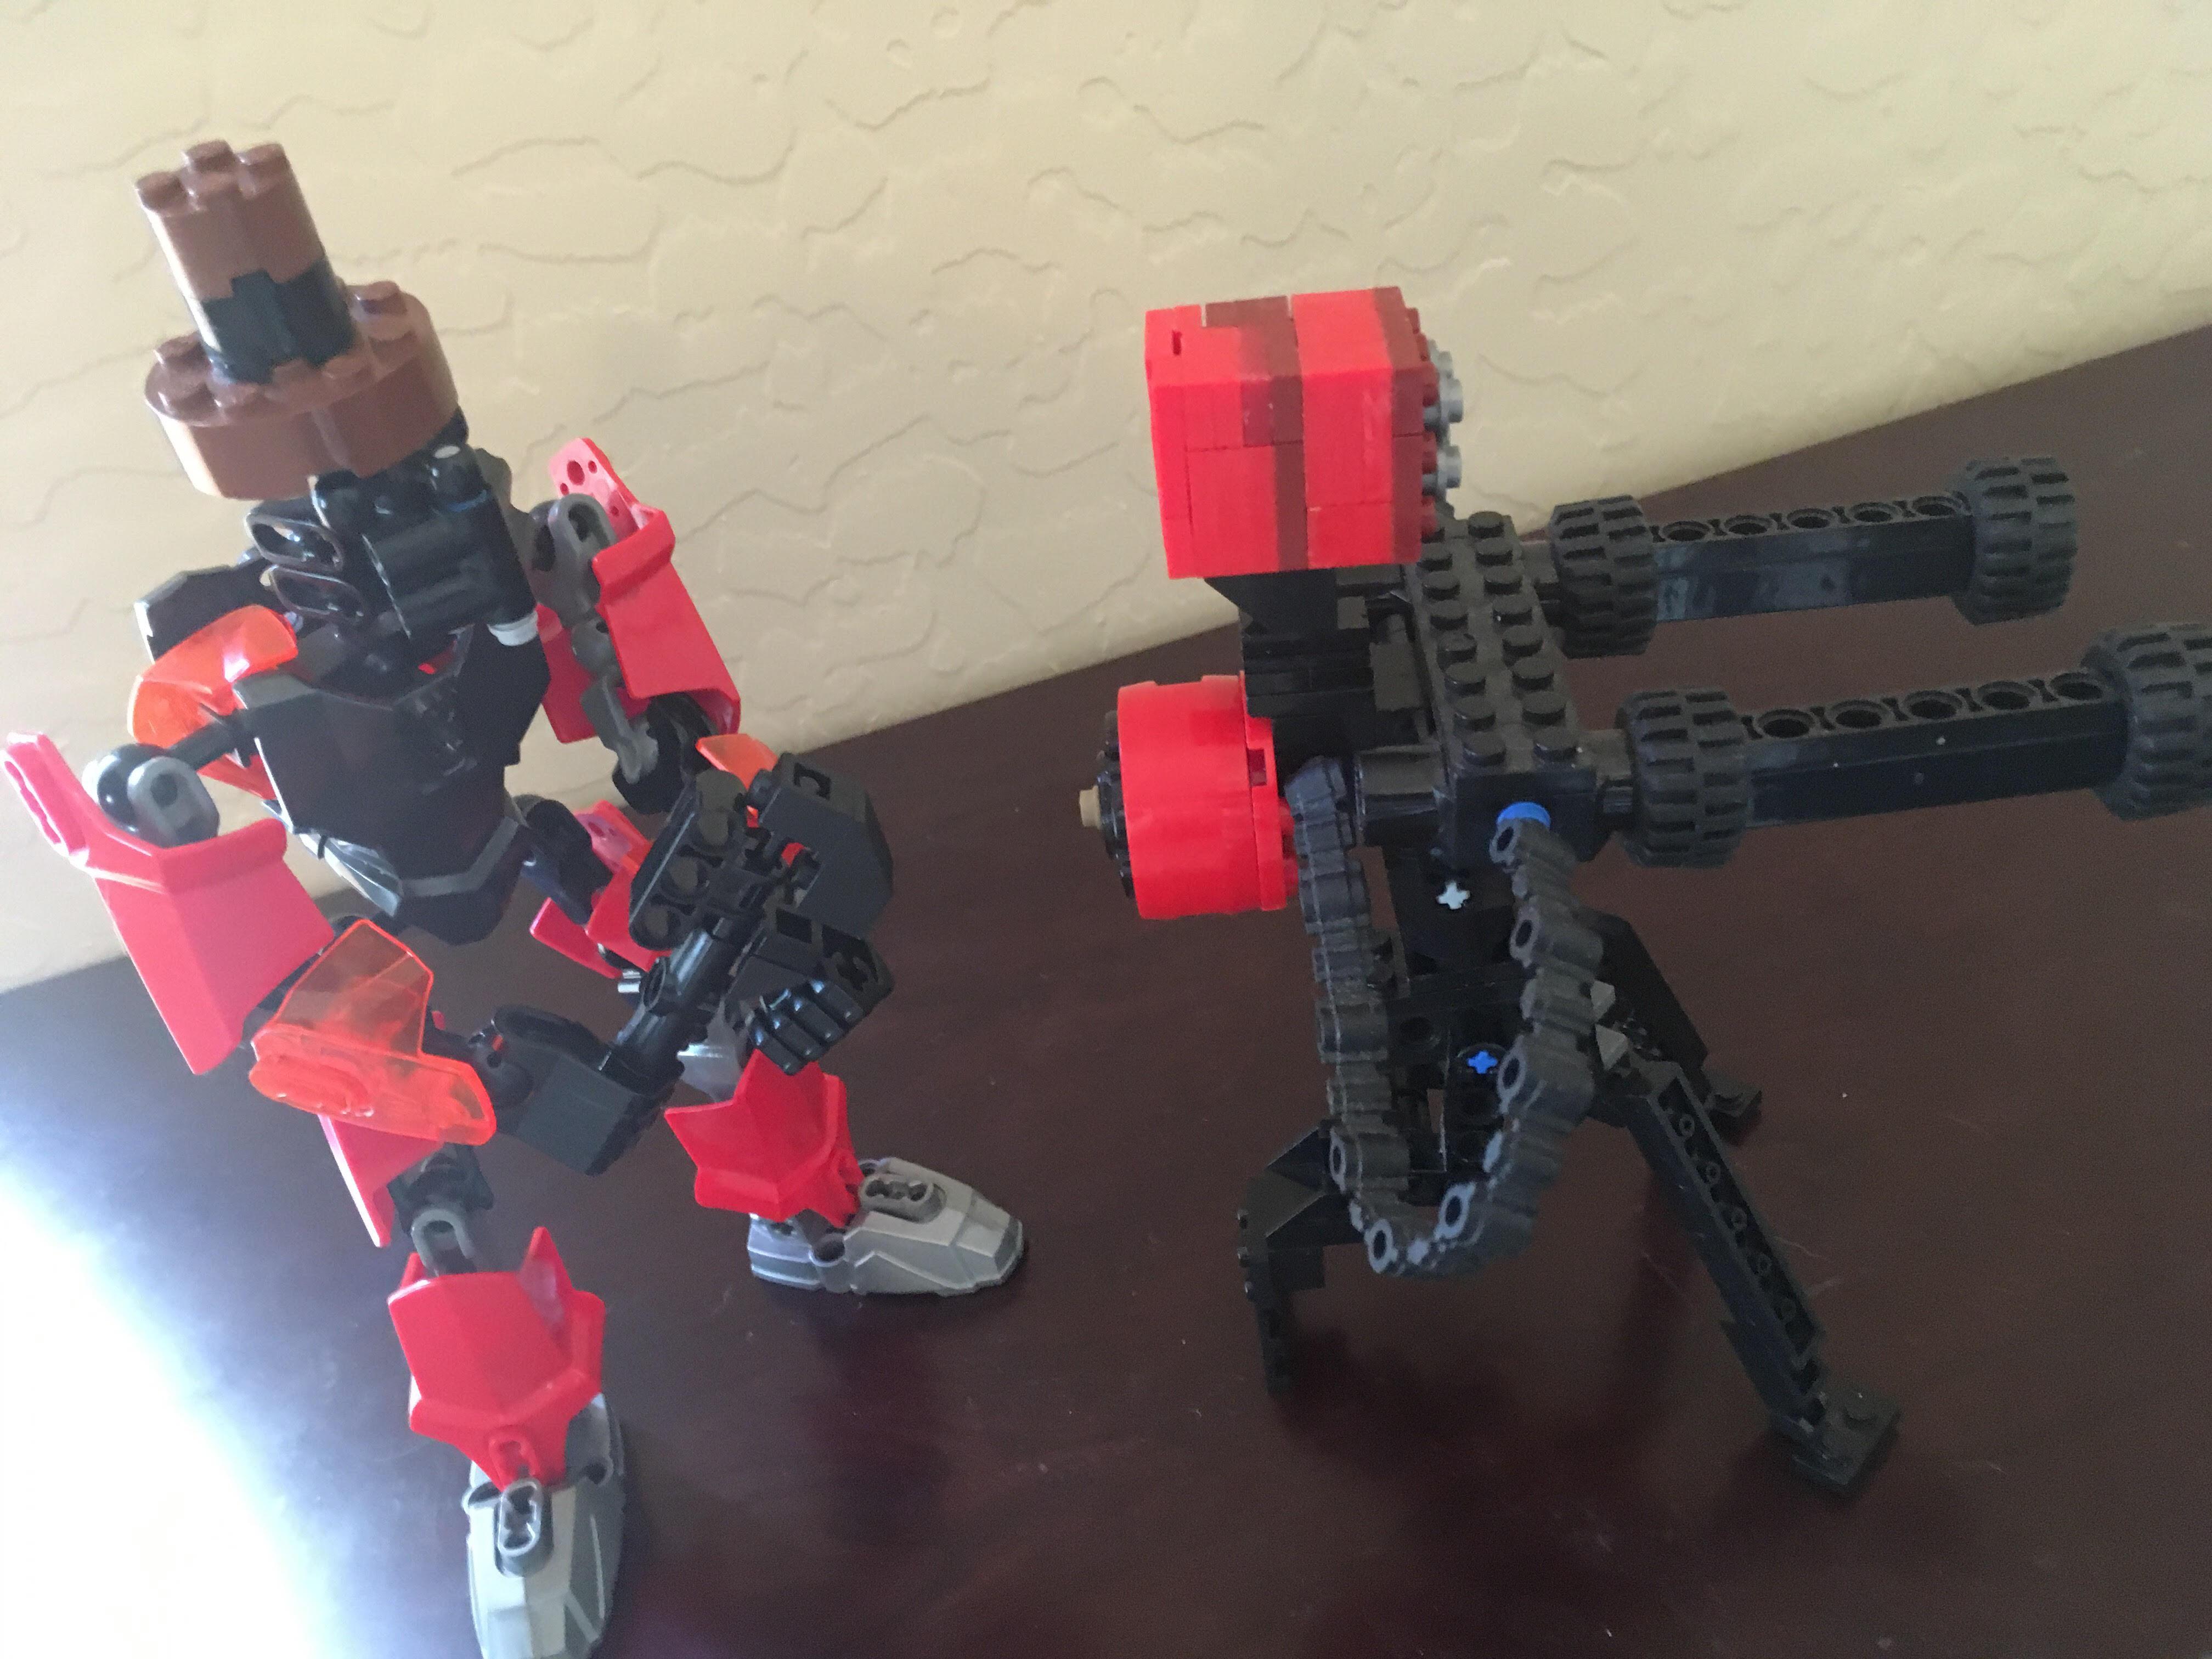 The sentry-gun/ mini-sentry and the wrench/gunslinger from